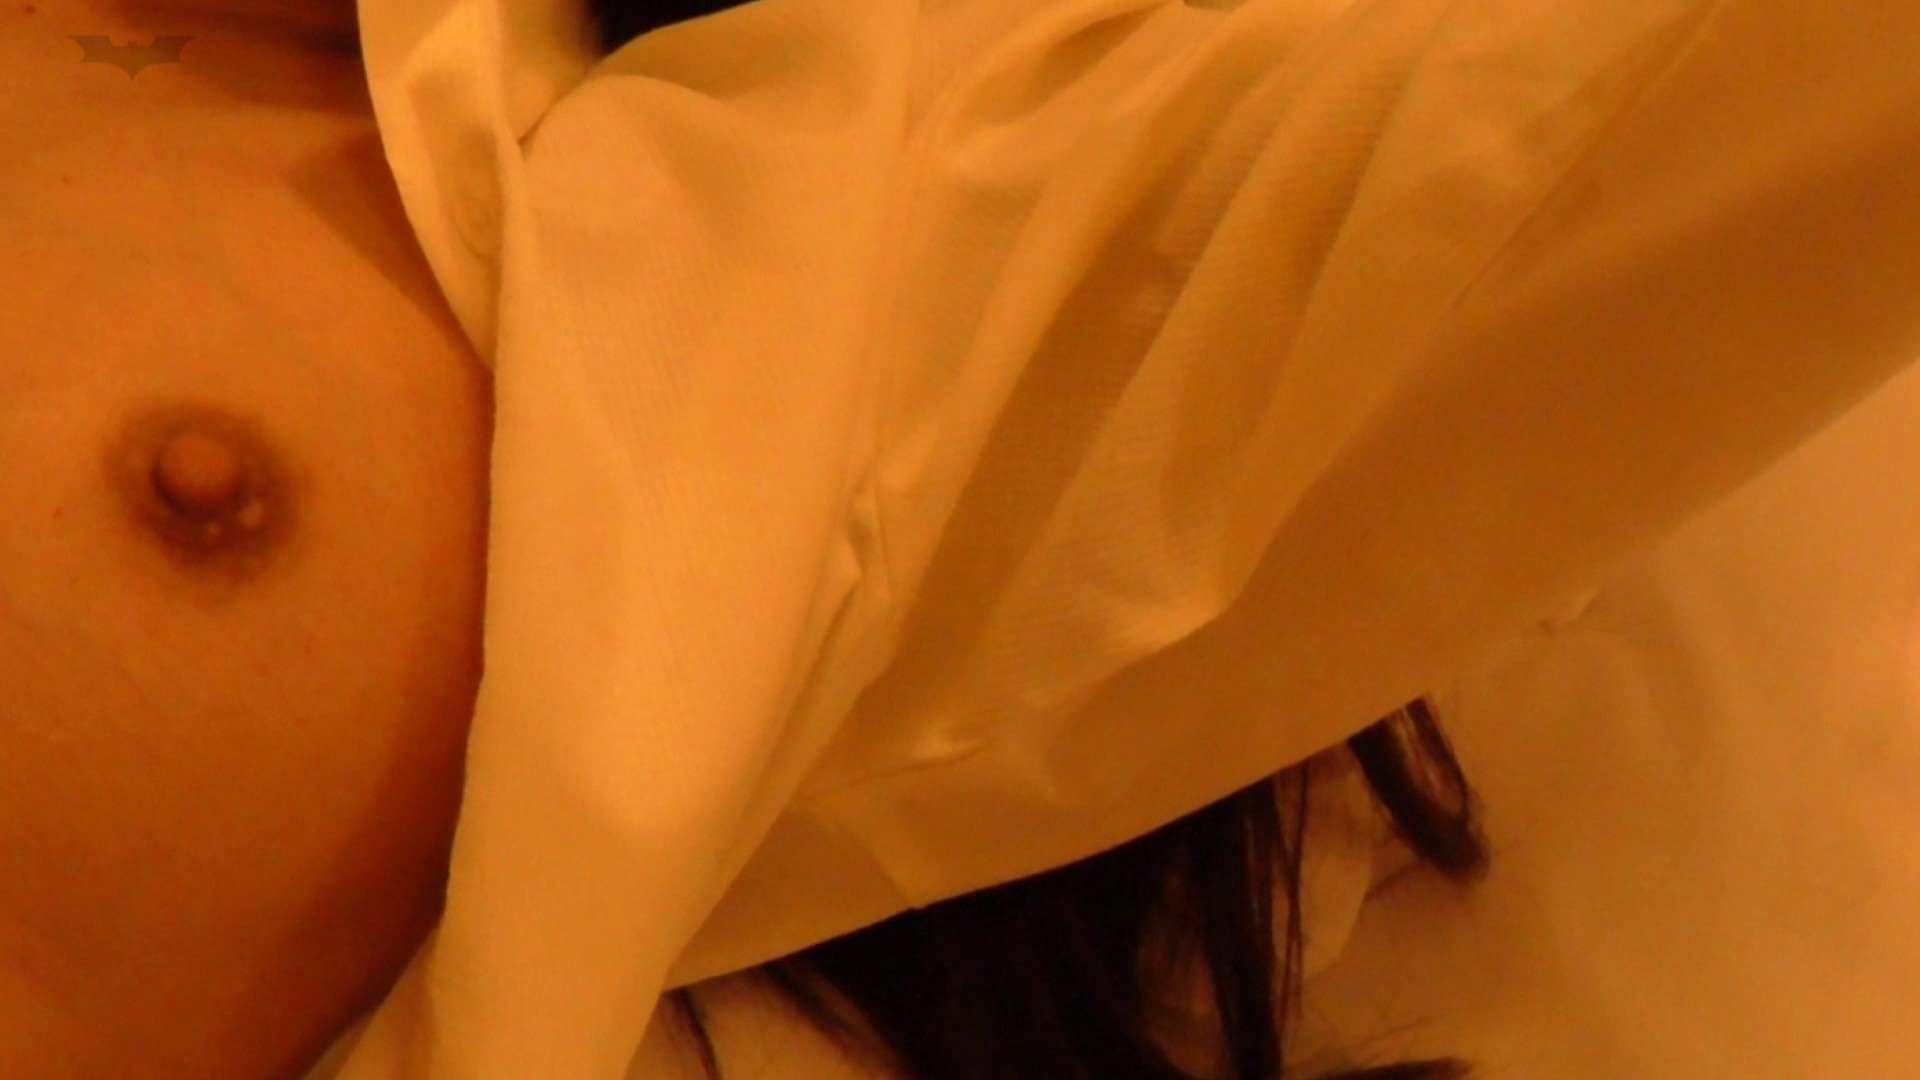 内緒でデリヘル盗撮 Vol.01後編 えっろいデリ嬢はやっぱりごっくん! 美肌  111枚 11